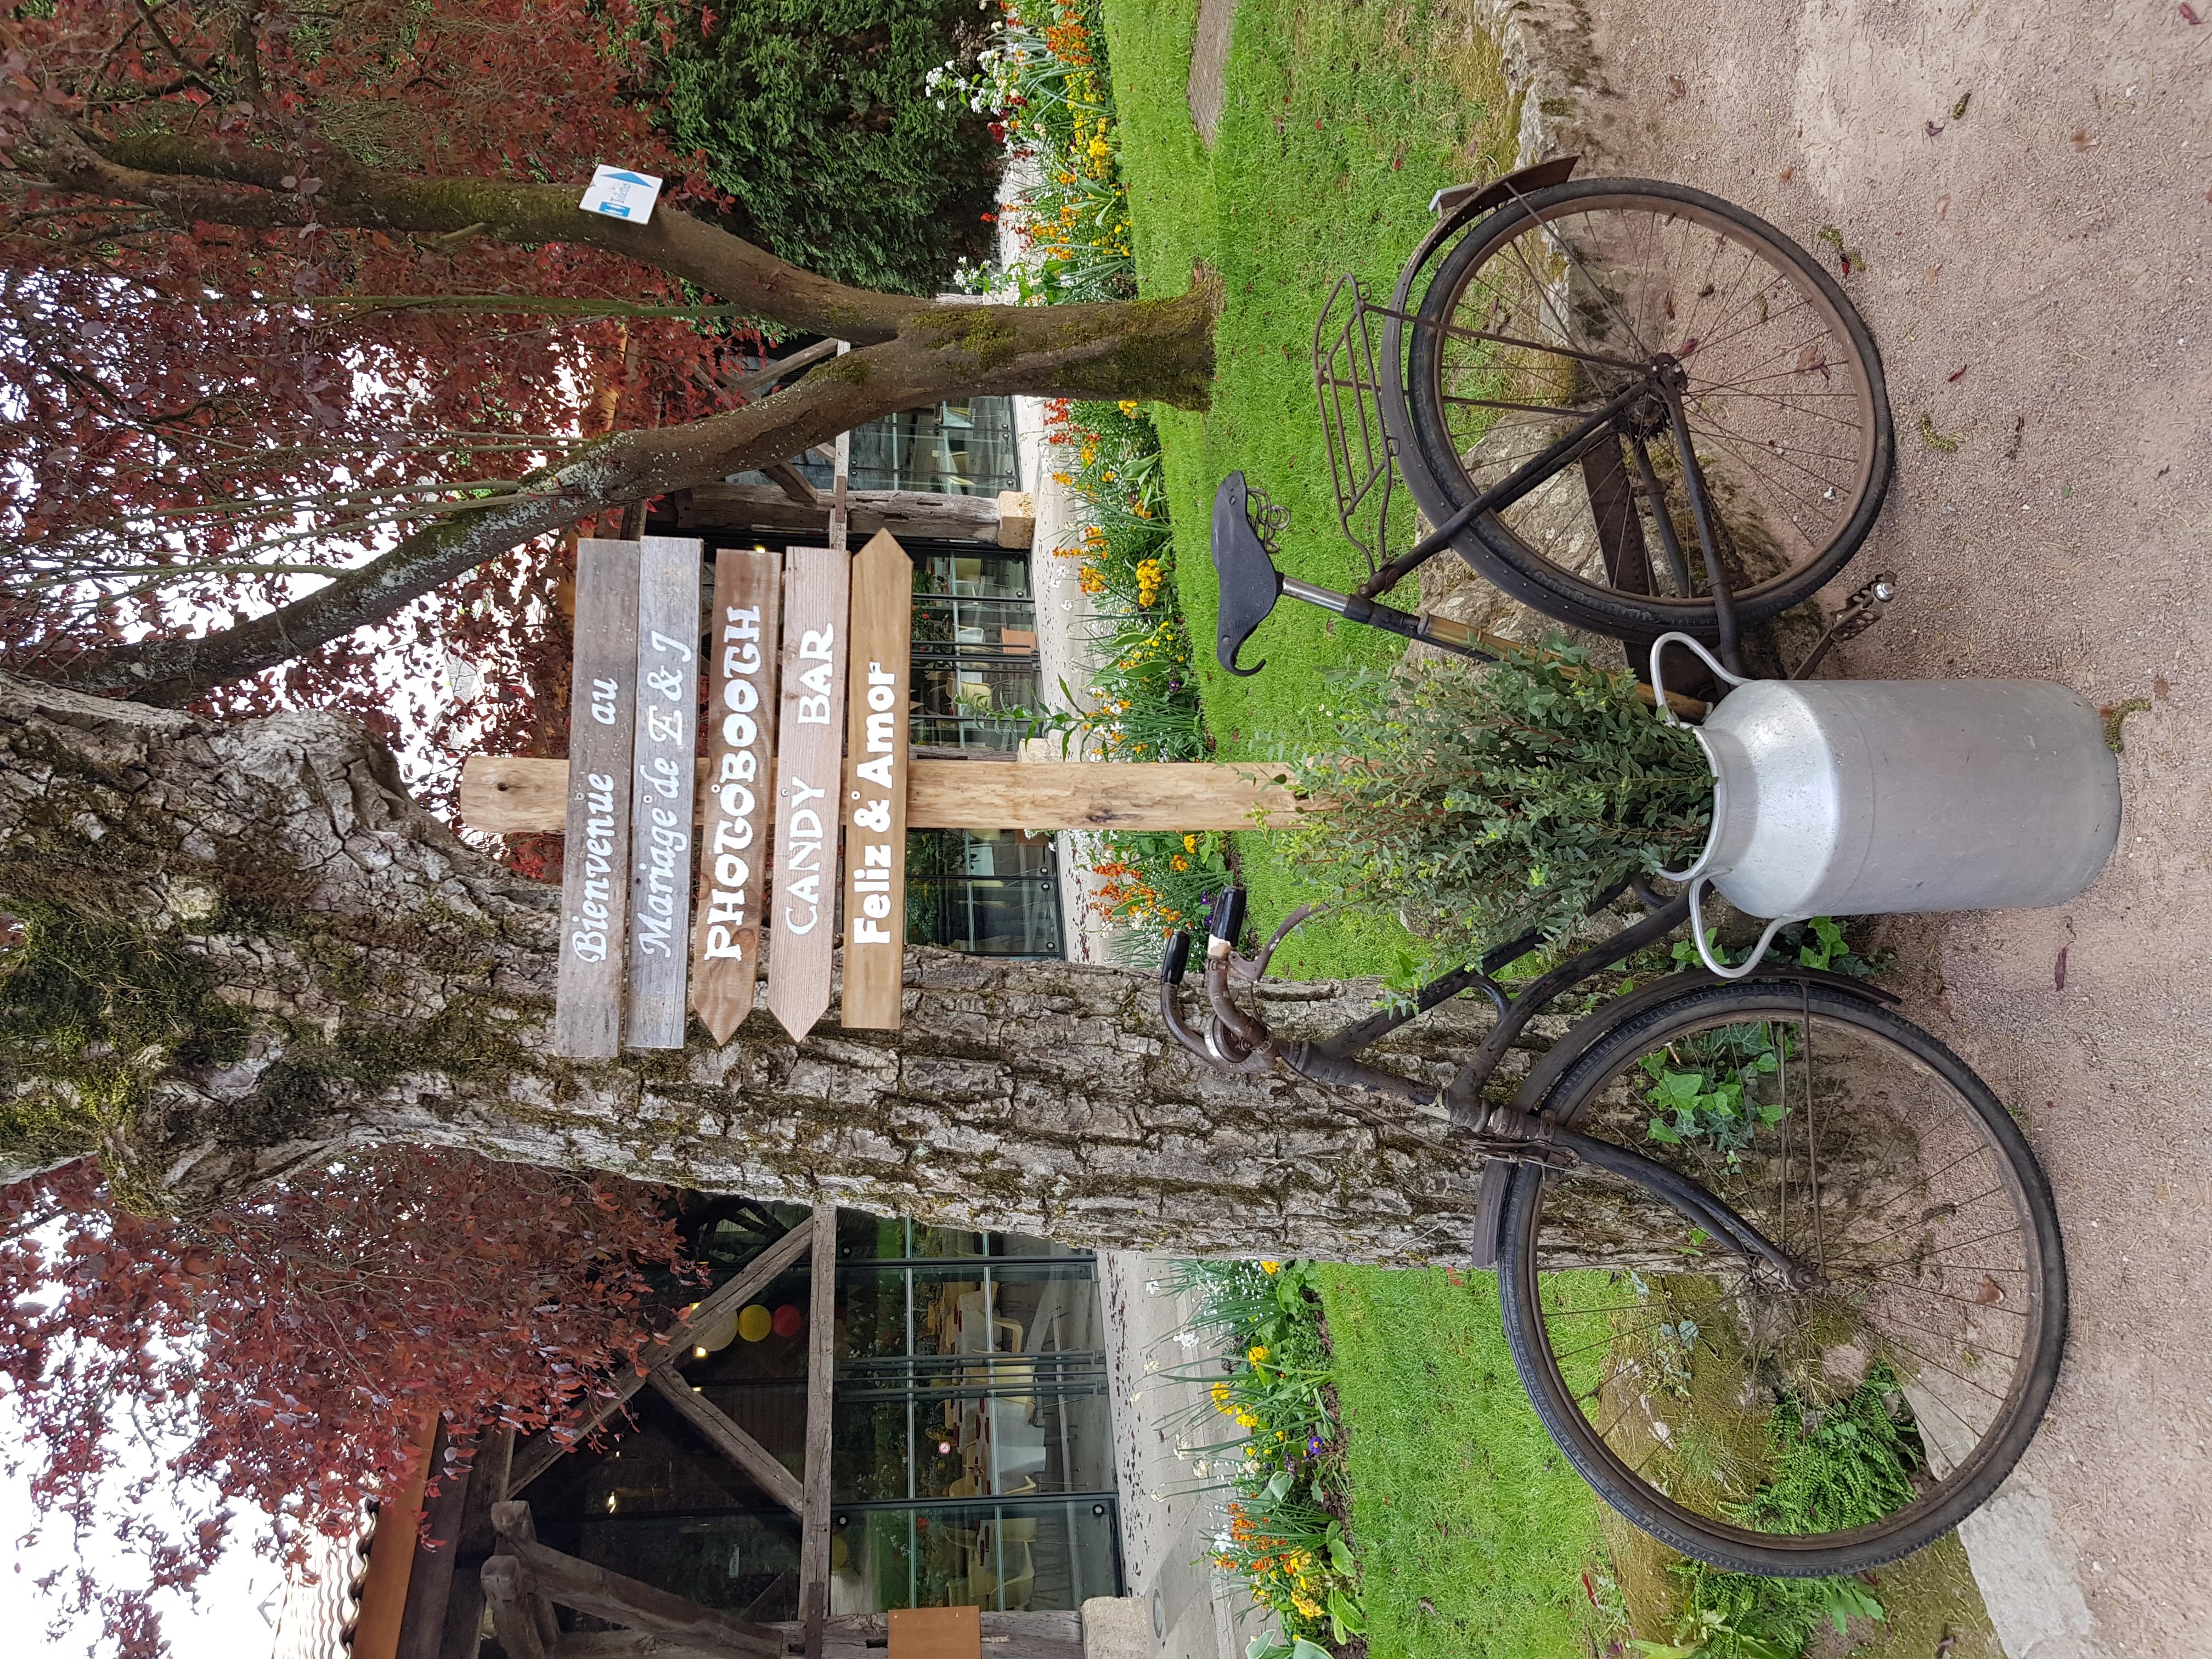 Panneau directionnel et Vélo vintage